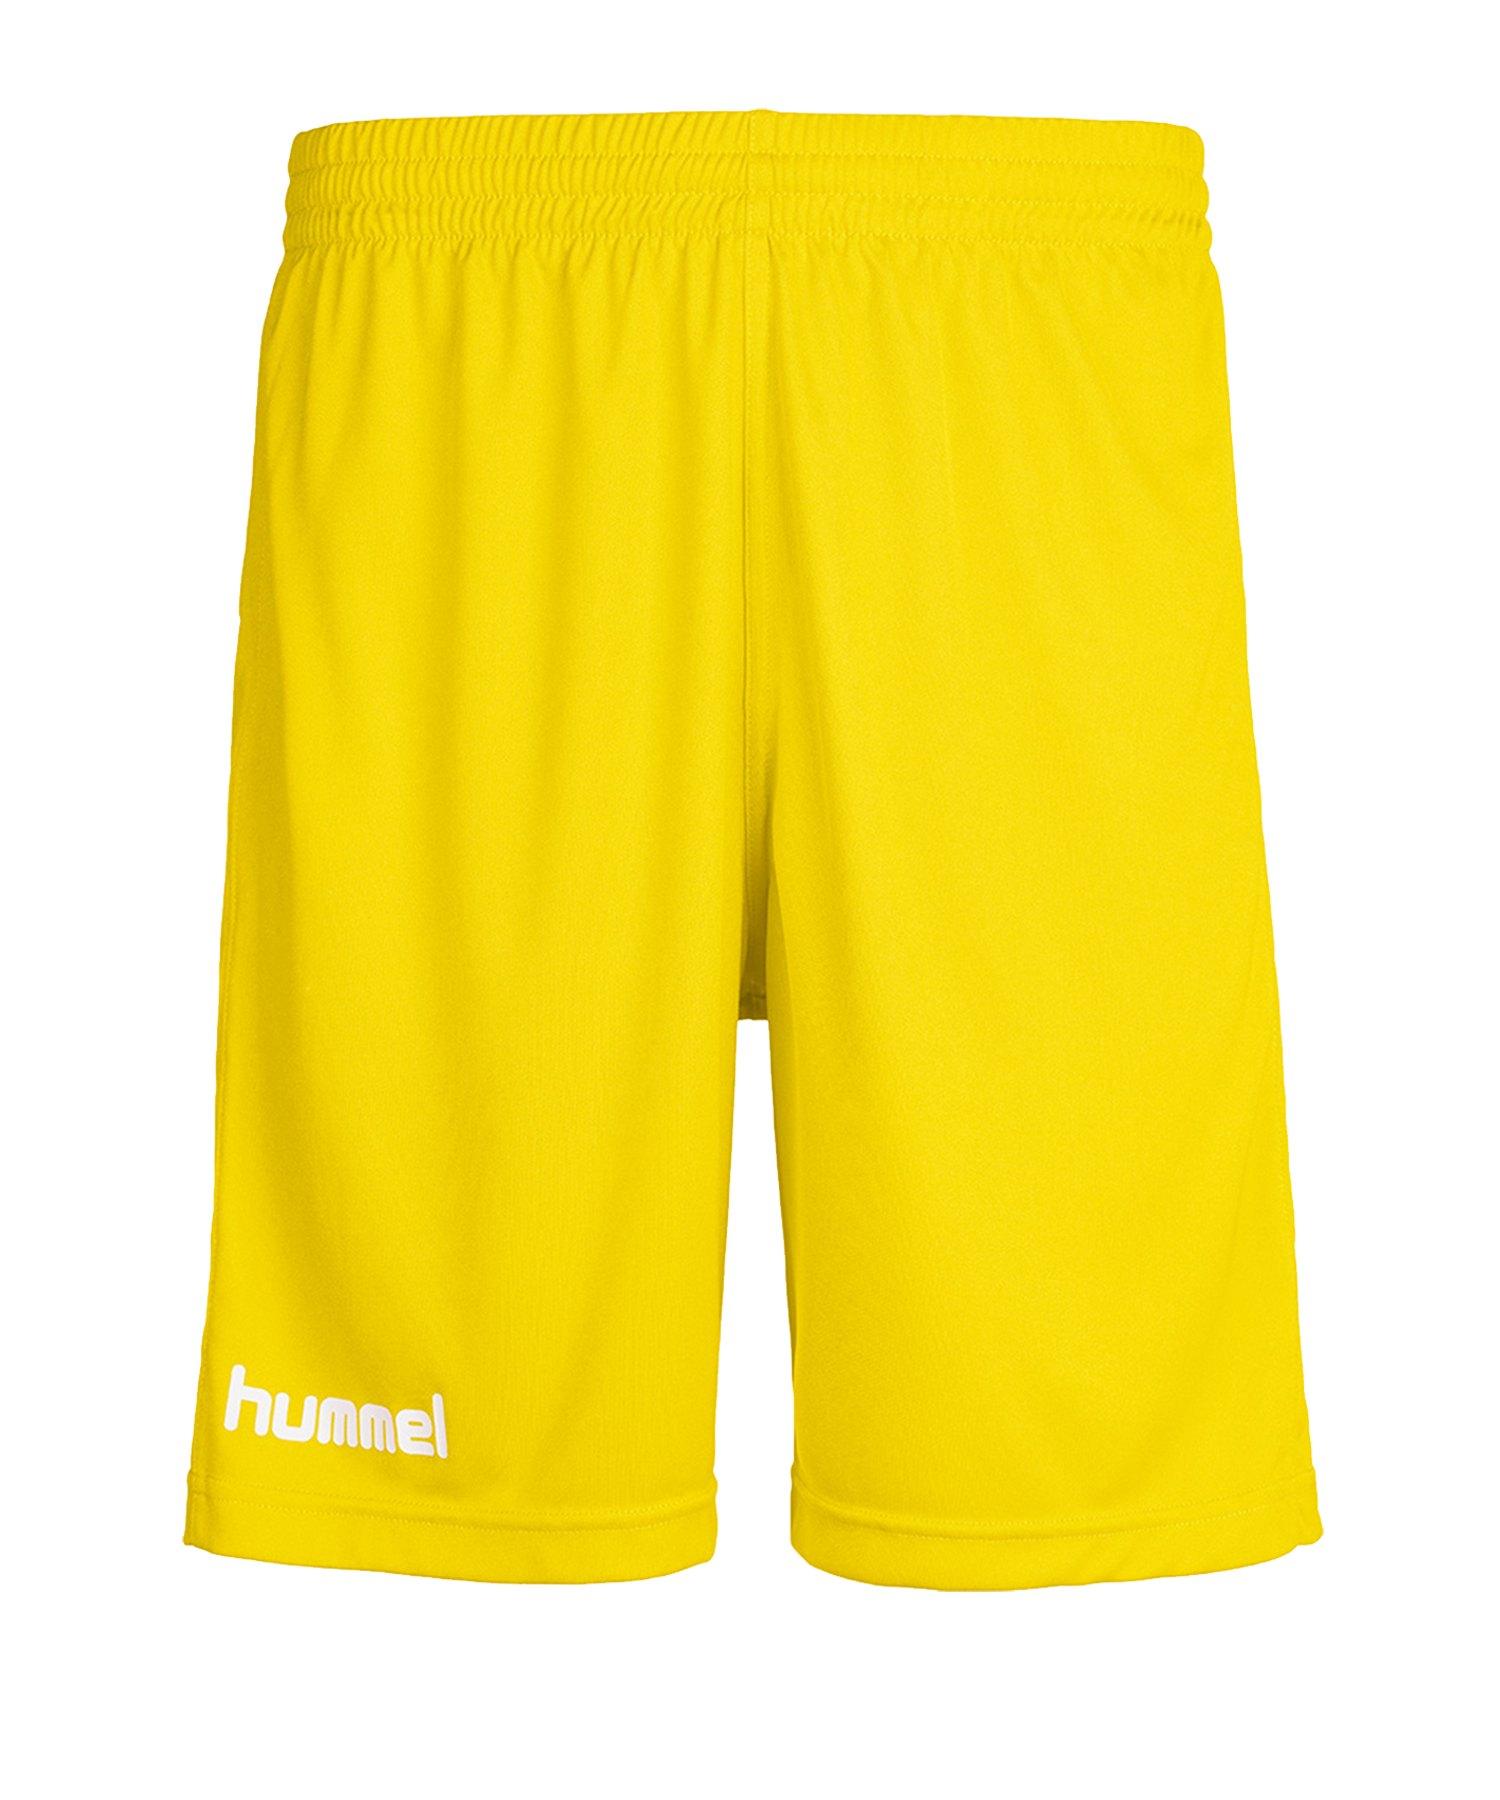 Hummel Core Short Gelb Weiß F5007 - gelb